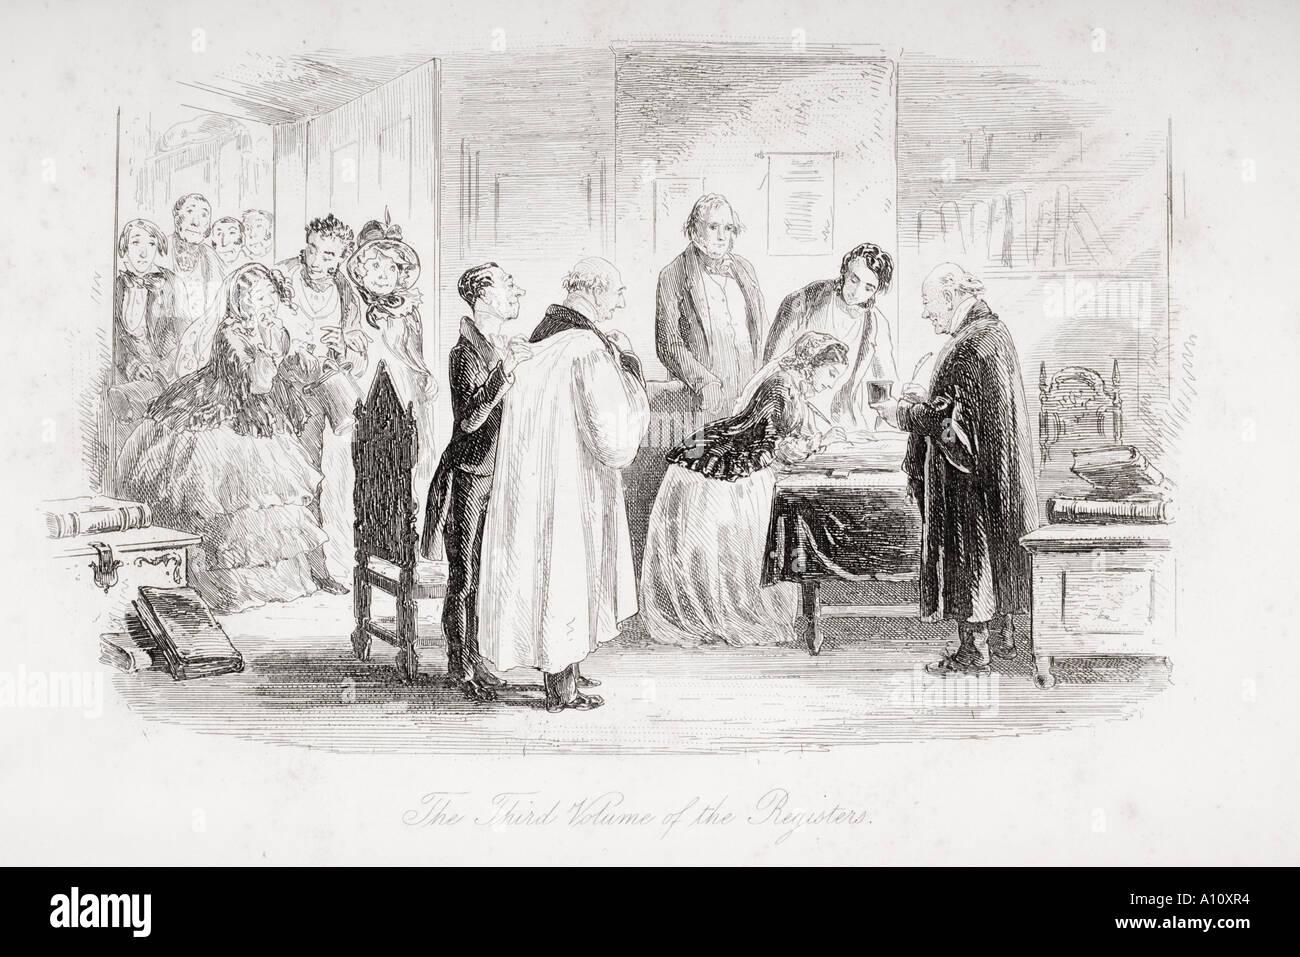 Il terzo volume dei registri illustrazione dal Charles Dickens romanzo Little Dorrit da H K Browne noto come Phiz Immagini Stock